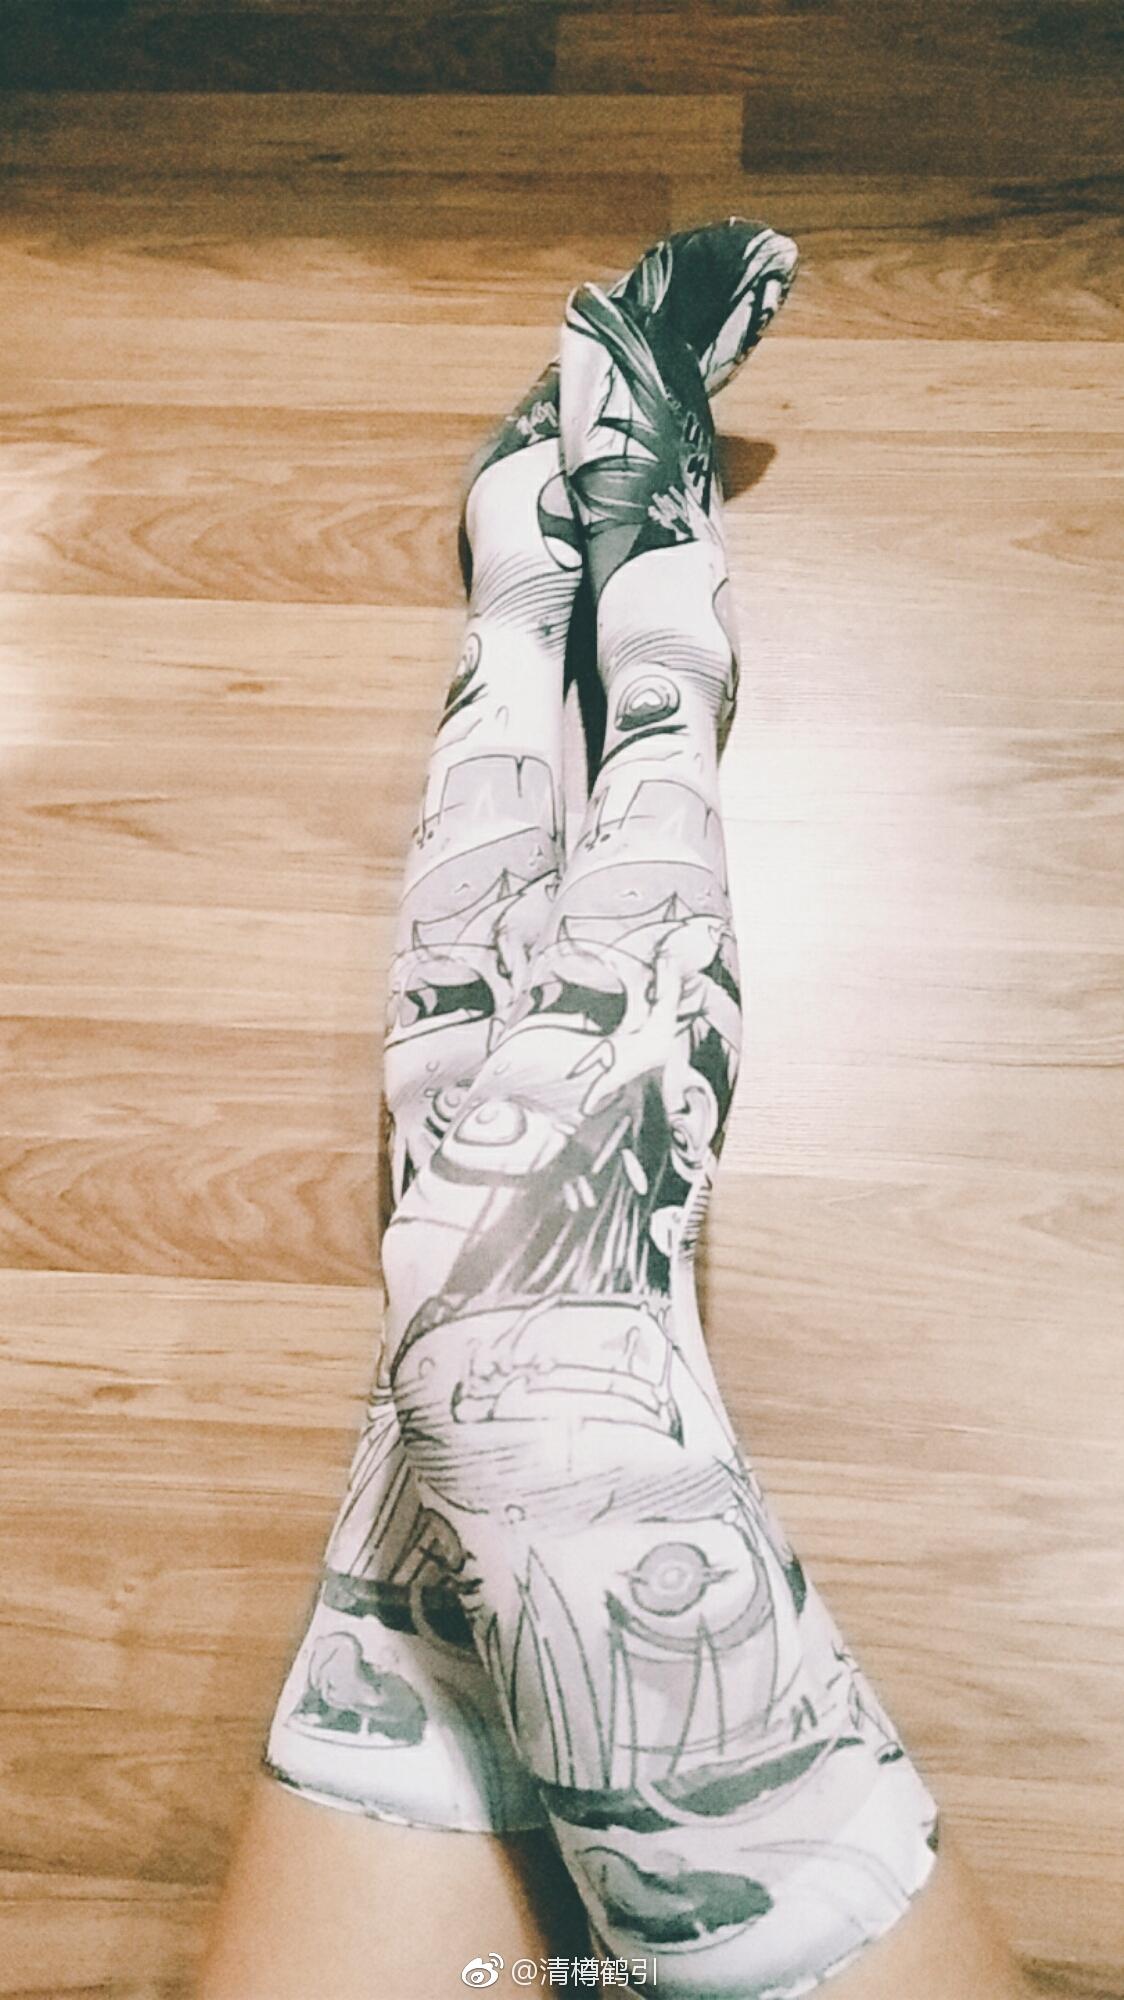 二次元腿控福利:这阿黑颜的袜子欣赏的来吗(9P)